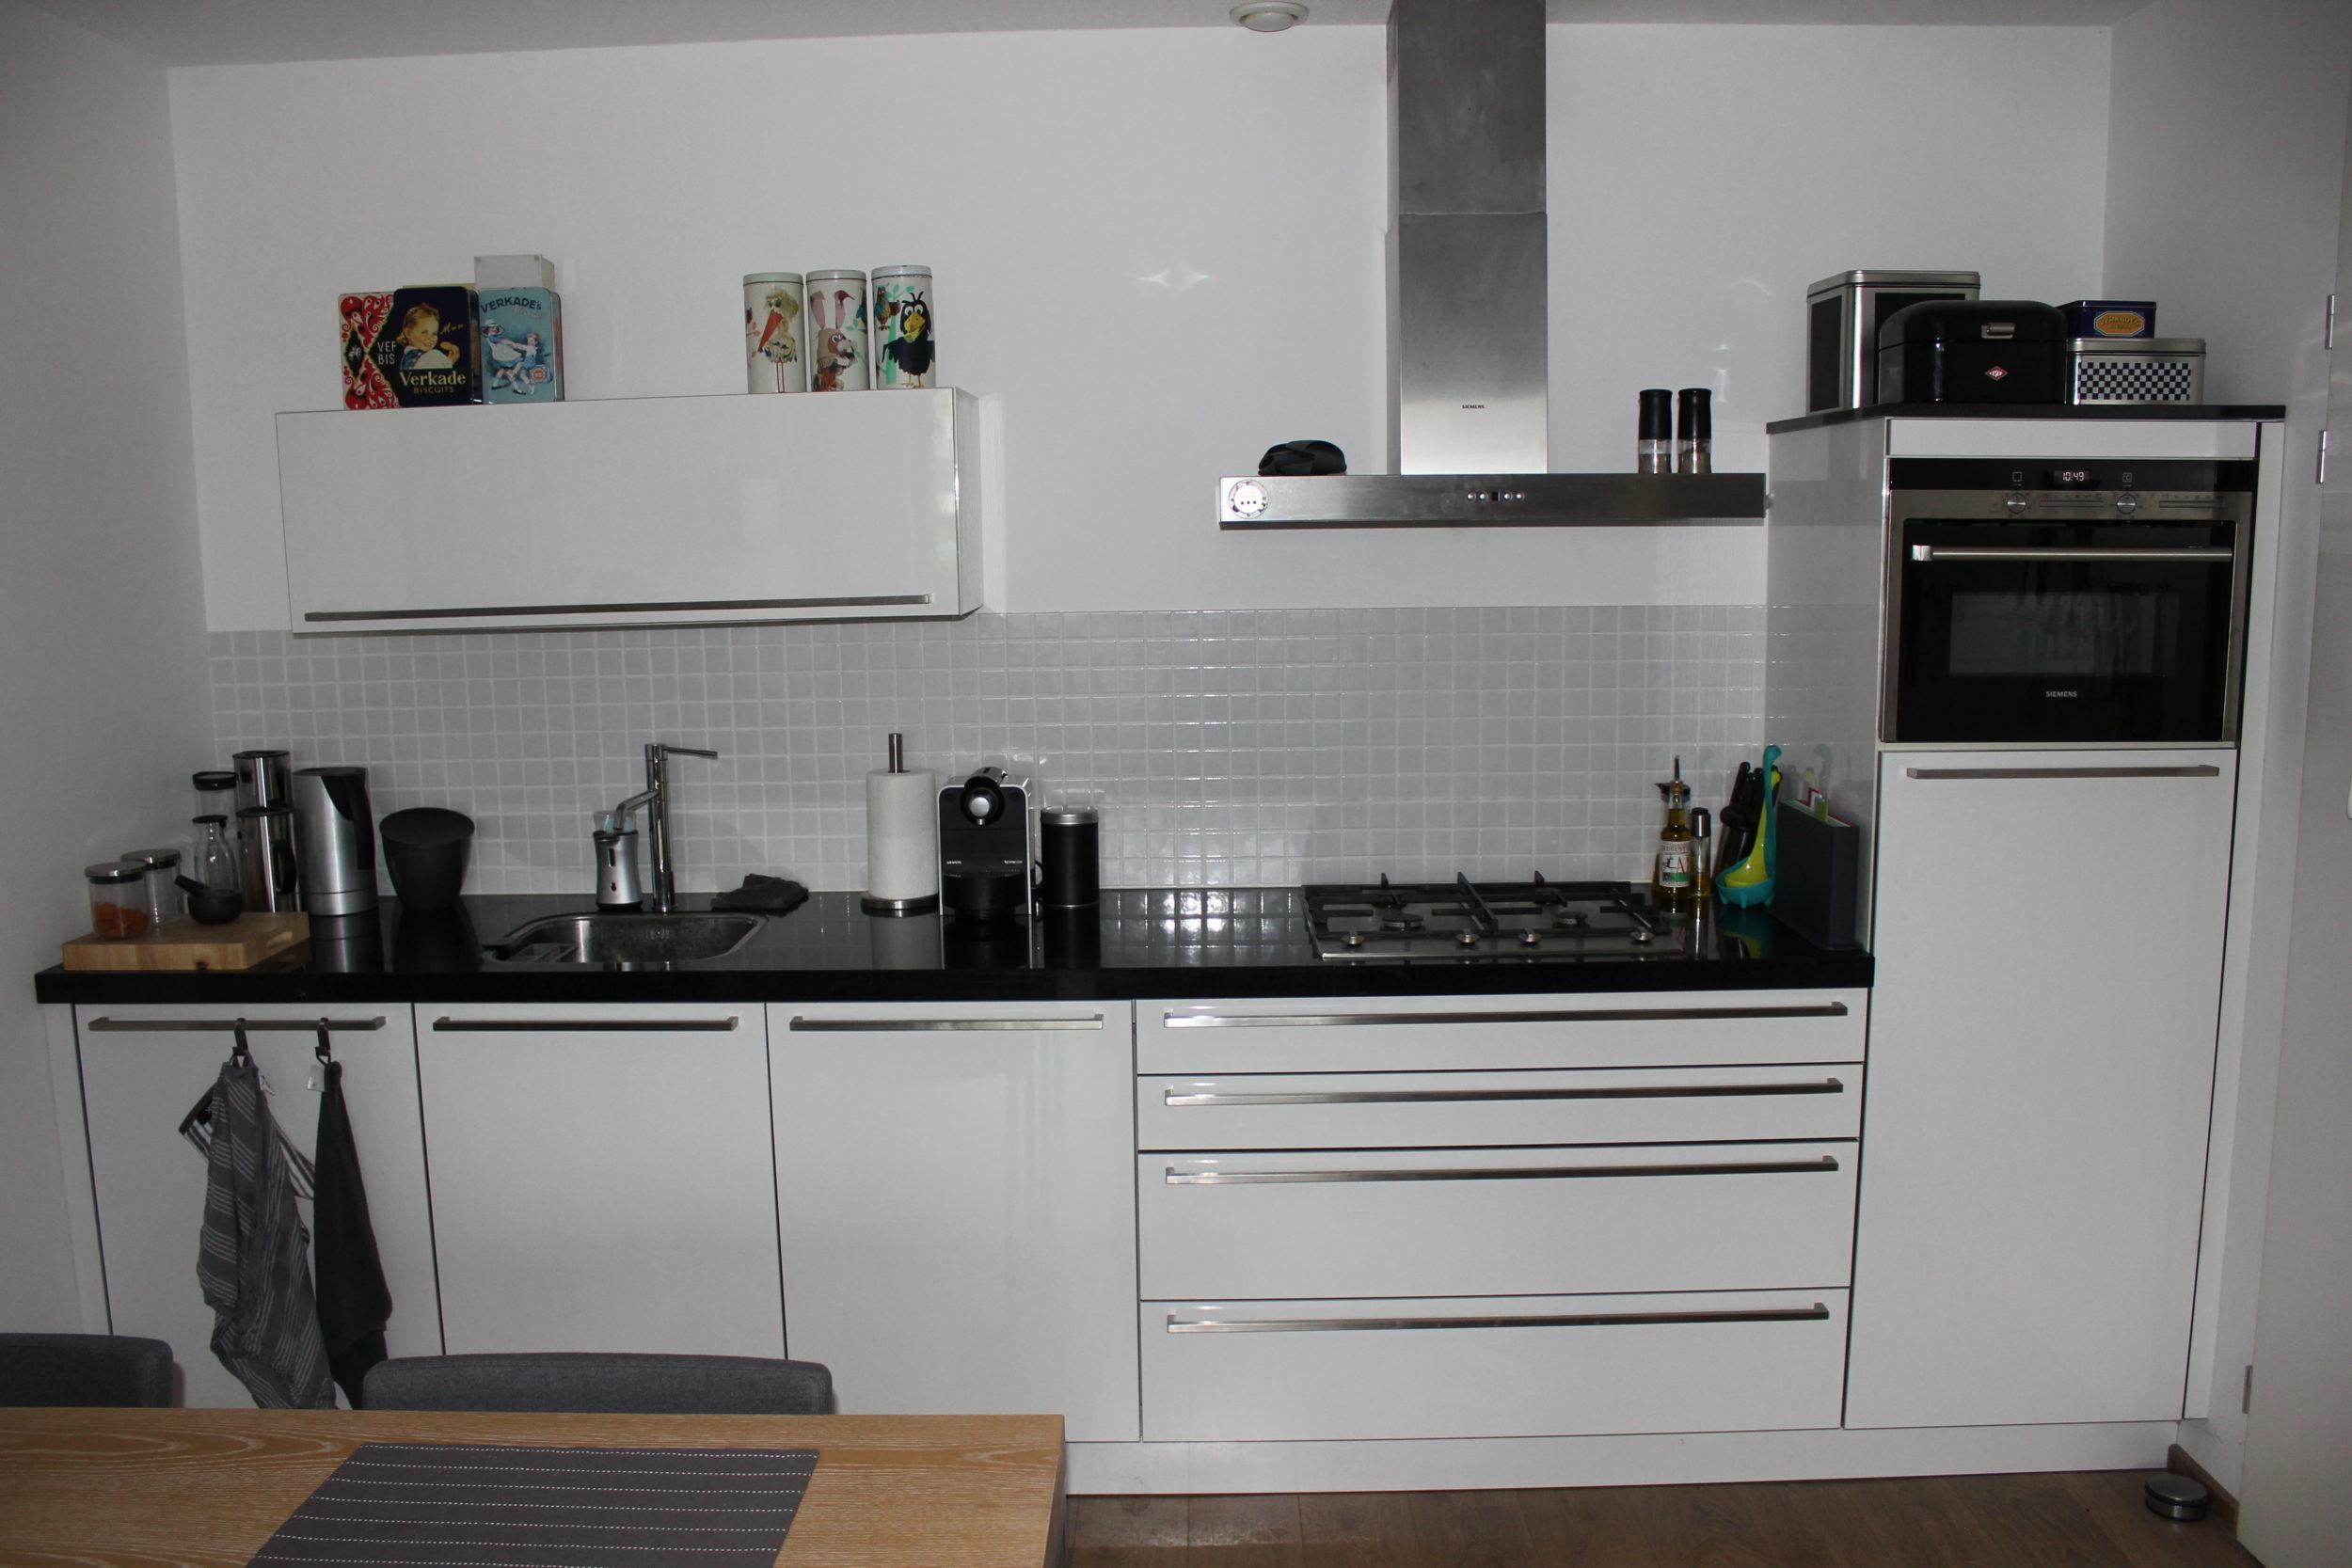 Standaard Keuken Maten : Keuken high level keukens nijmegen arnhem bemmel